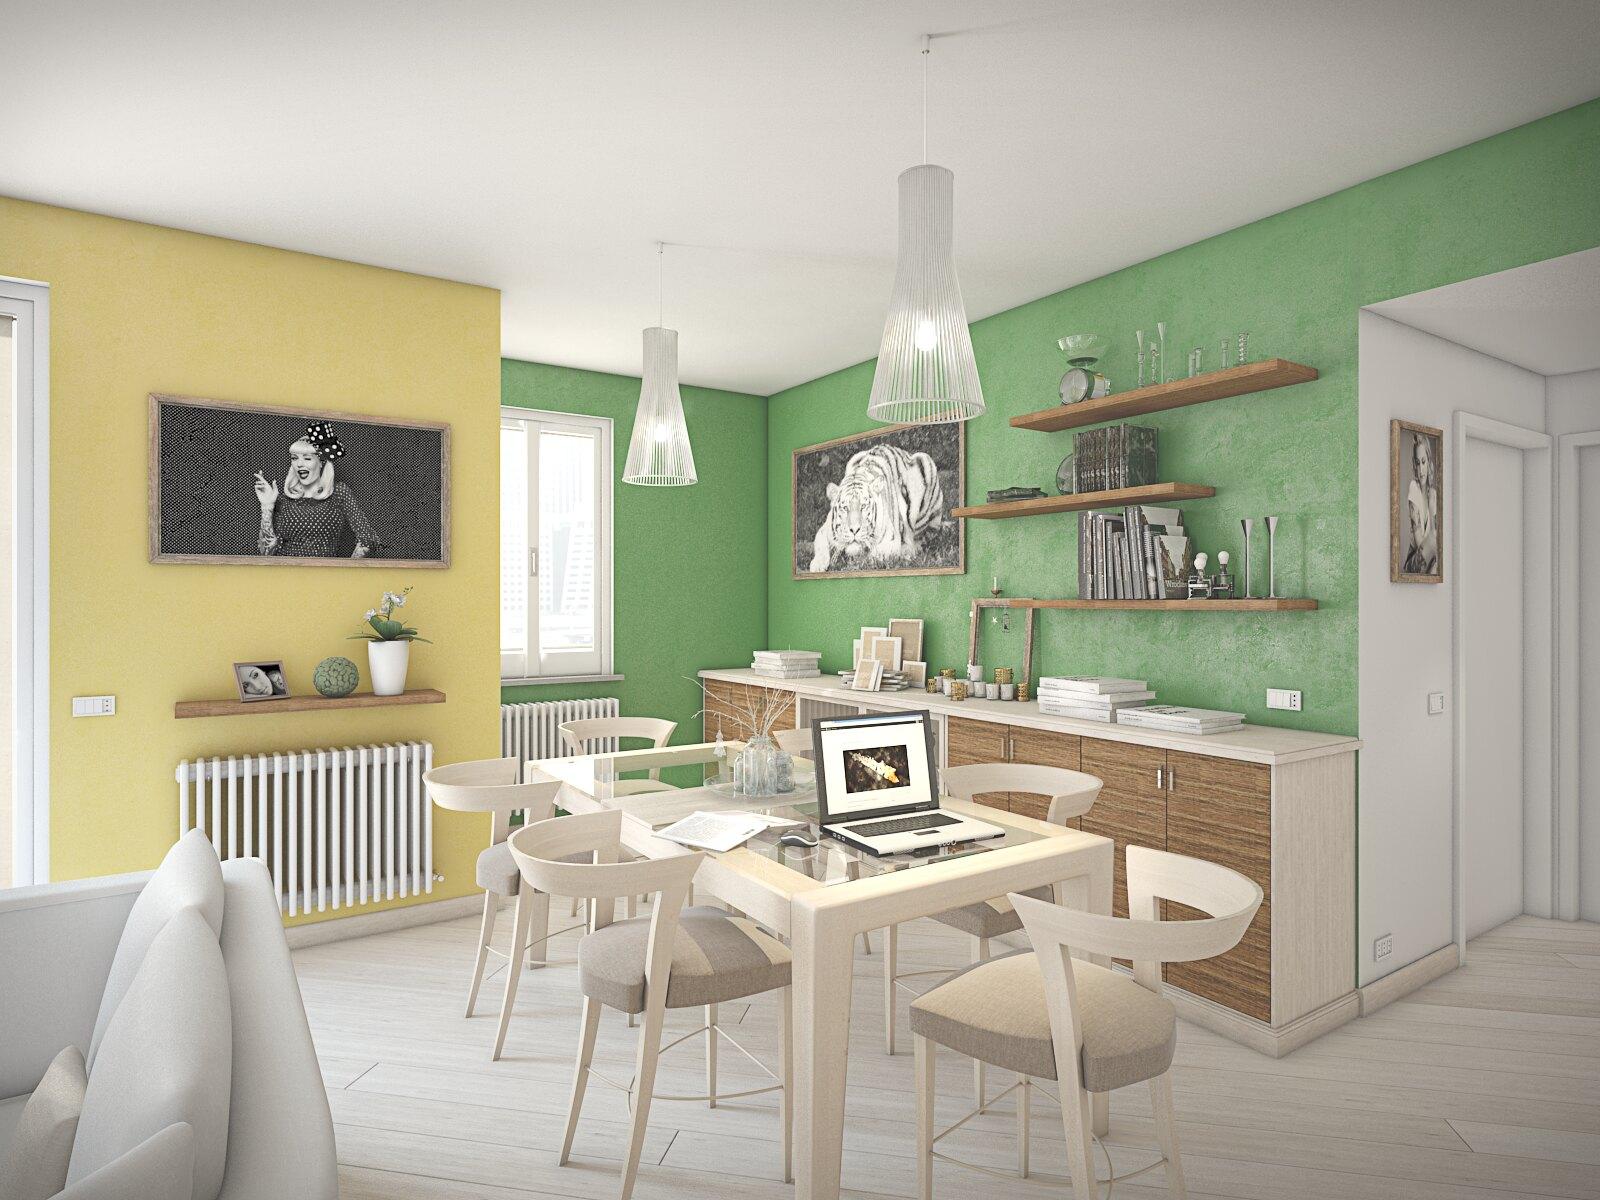 Mensole Per Cucina Ikea. Latest Ikea Mensole Quadrate With Mensole ...